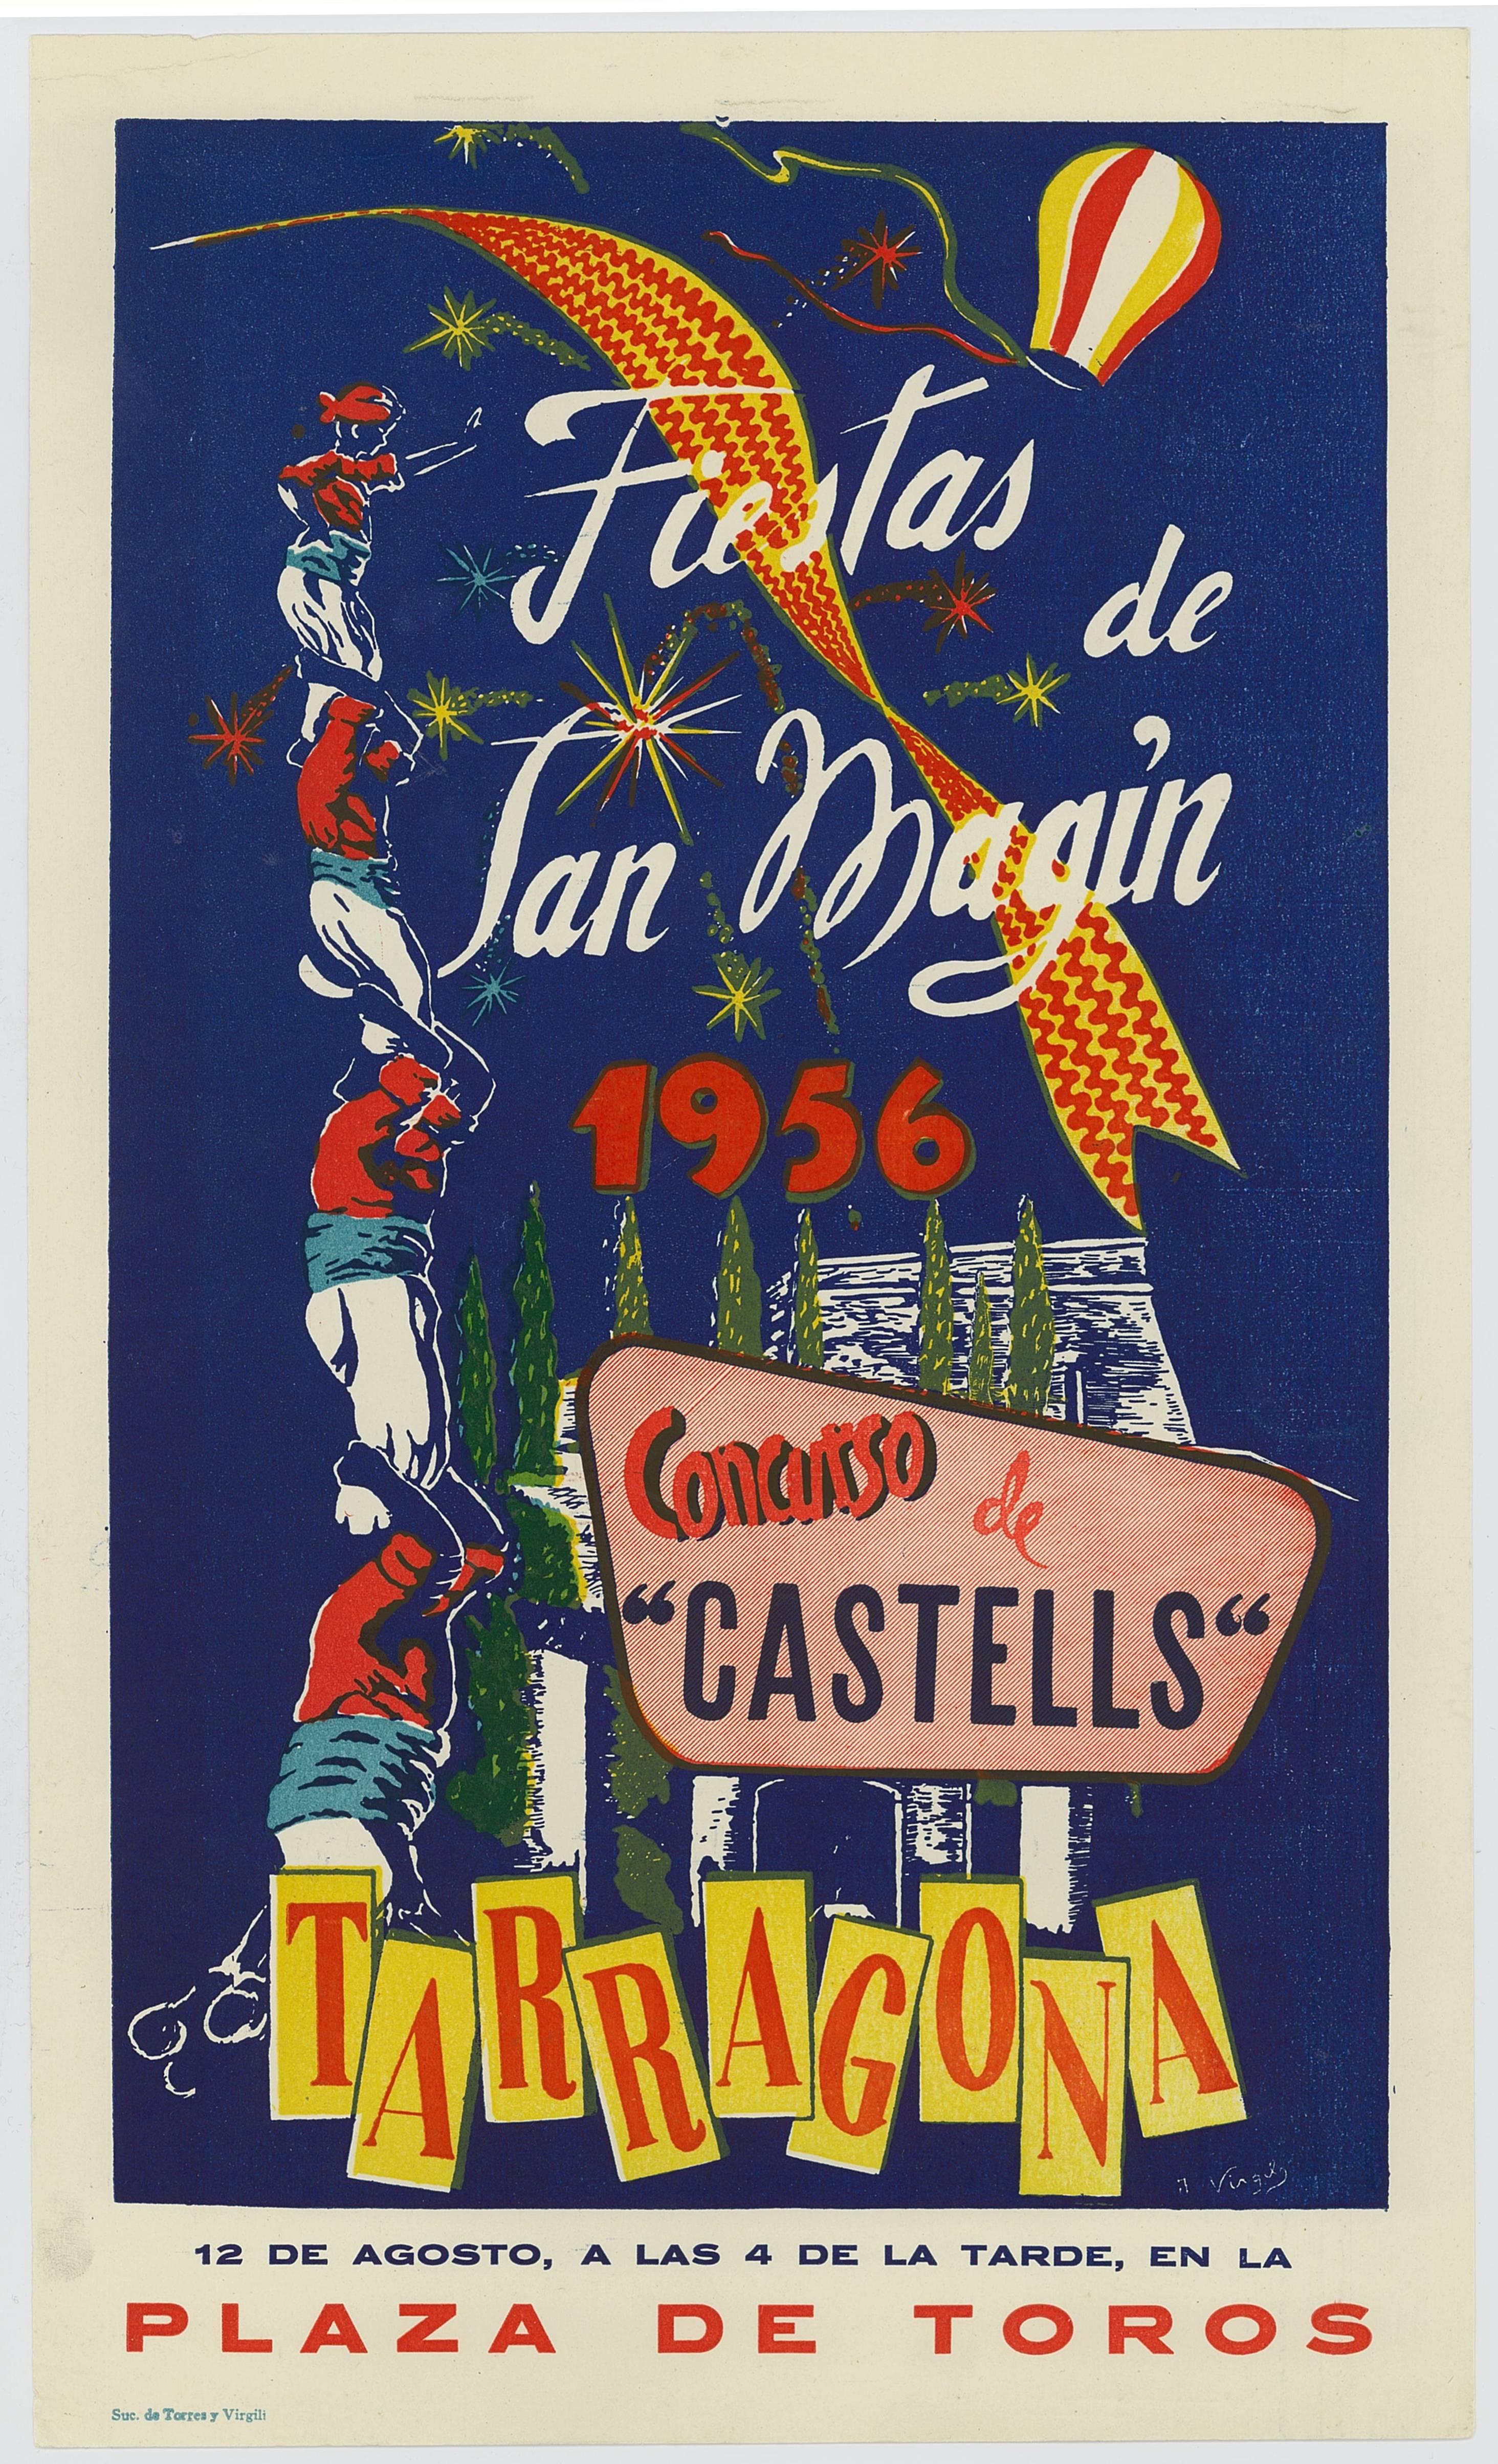 Cartell del Concurs de Castells de 1956, emmarcat a les festes de Sant Magí